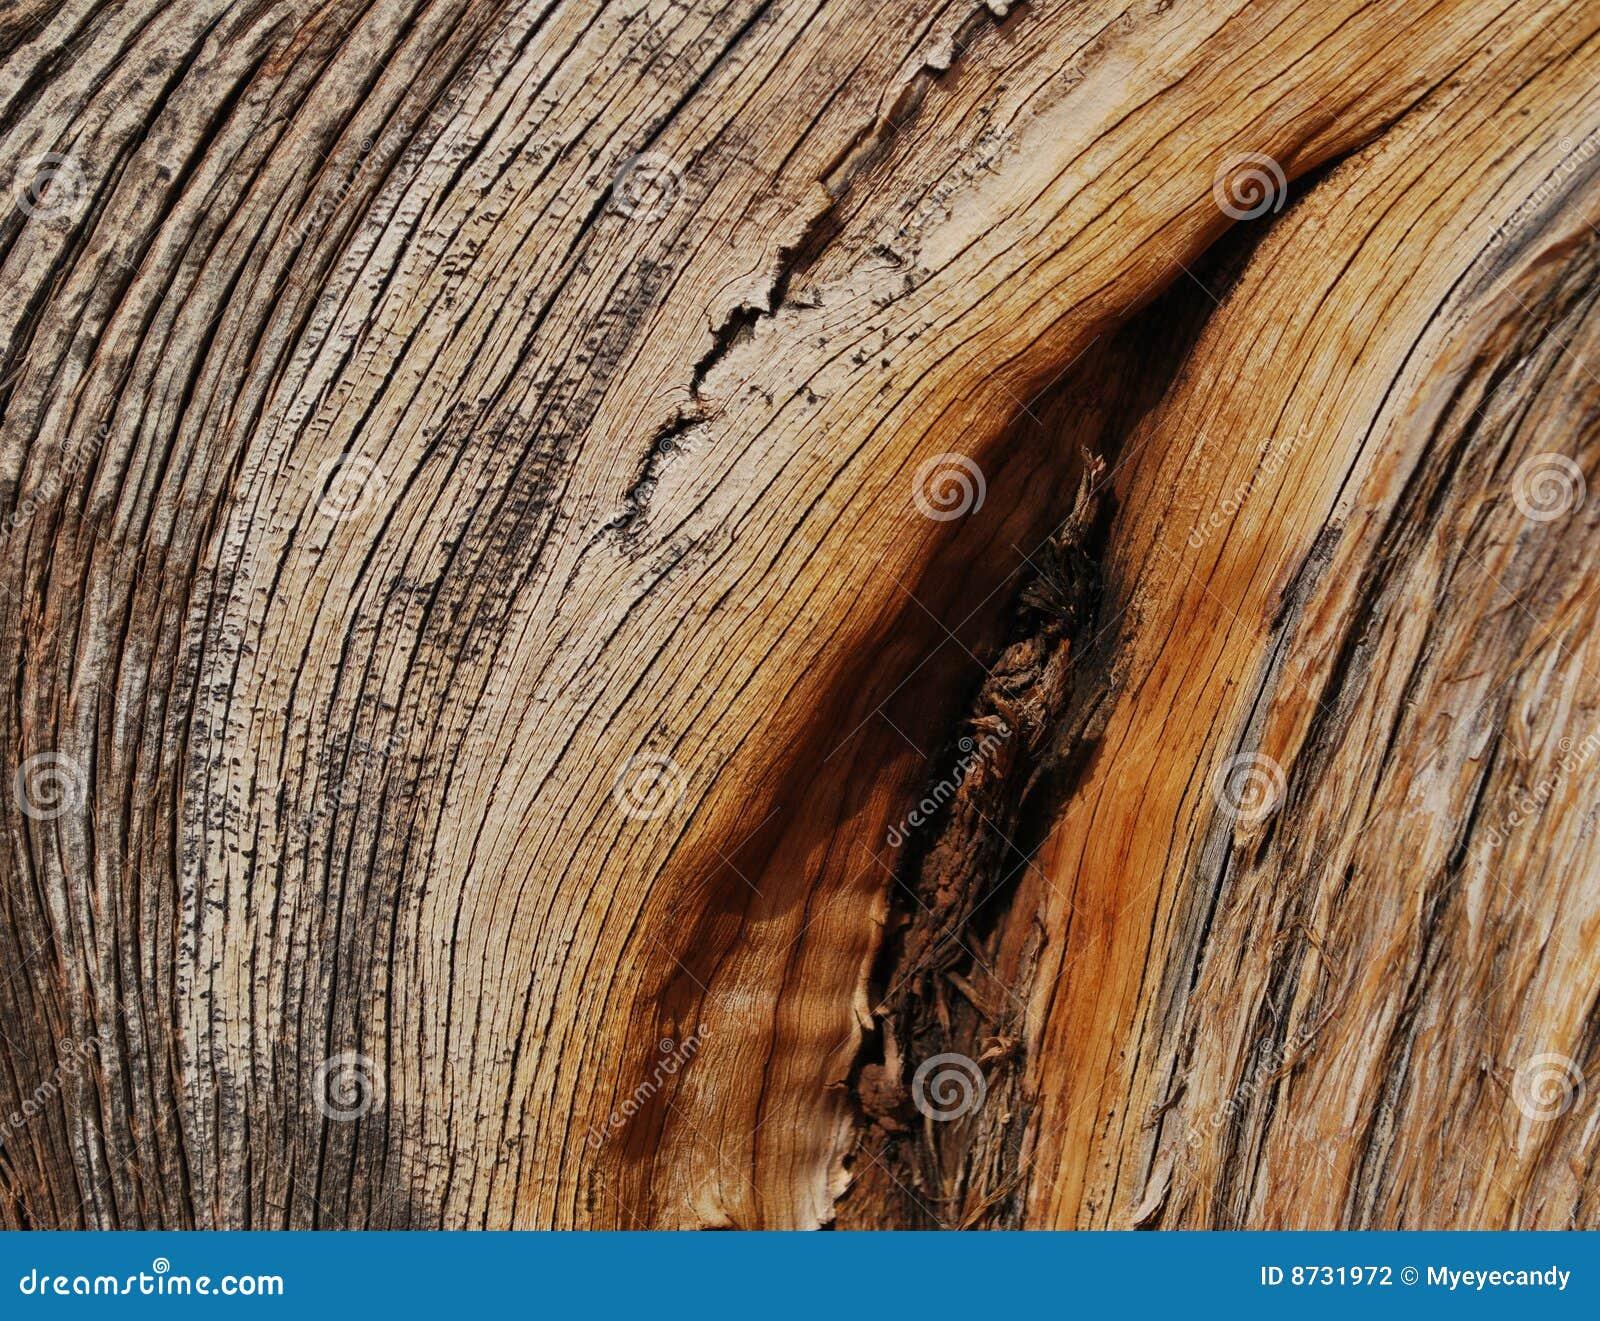 Juniper wood texture